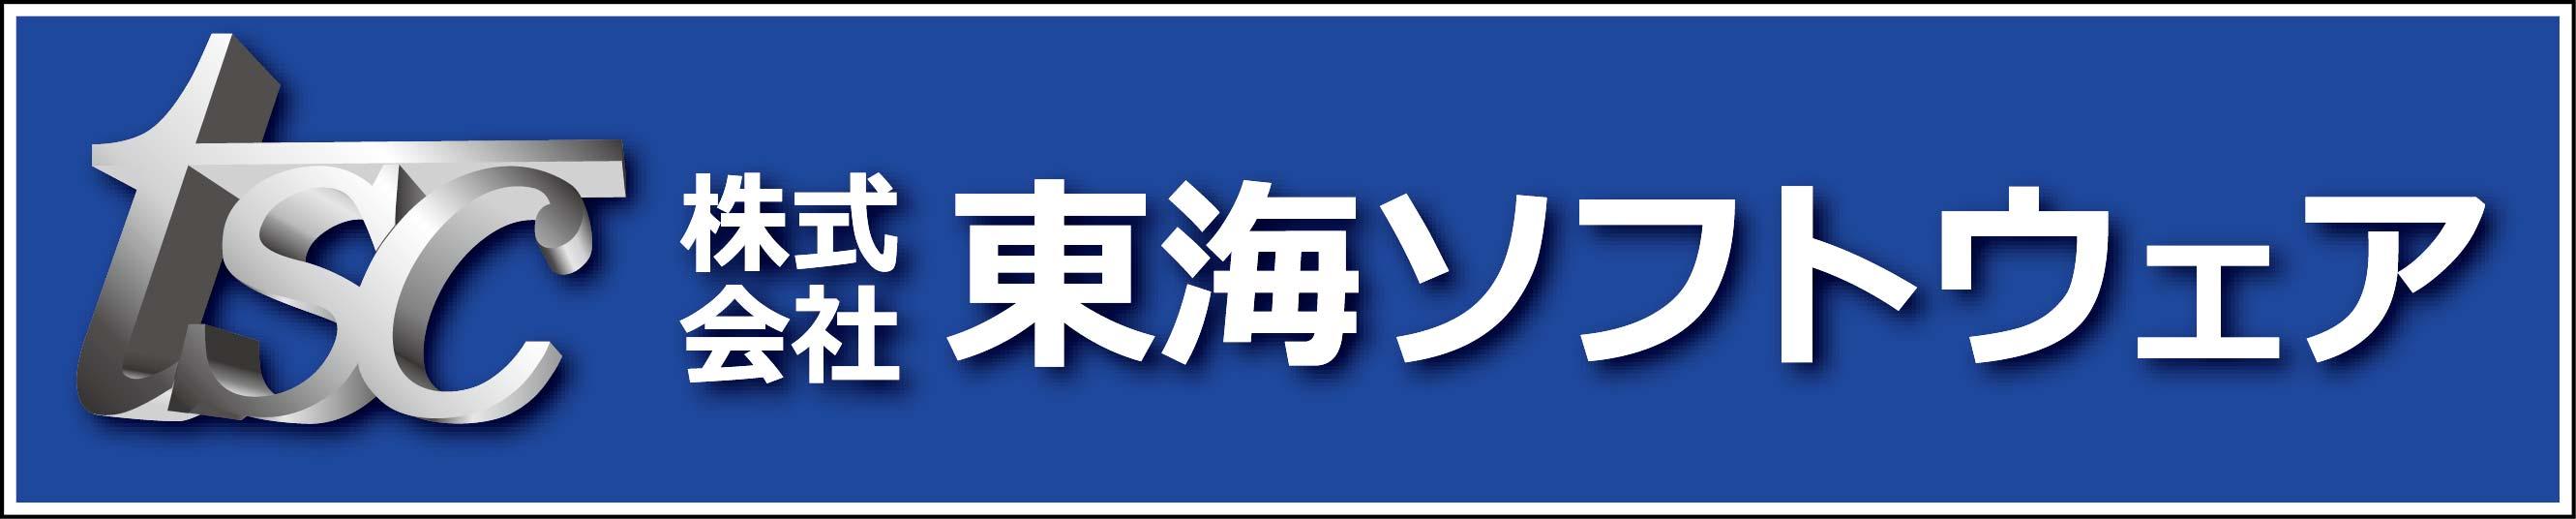 東海ソフトウェア